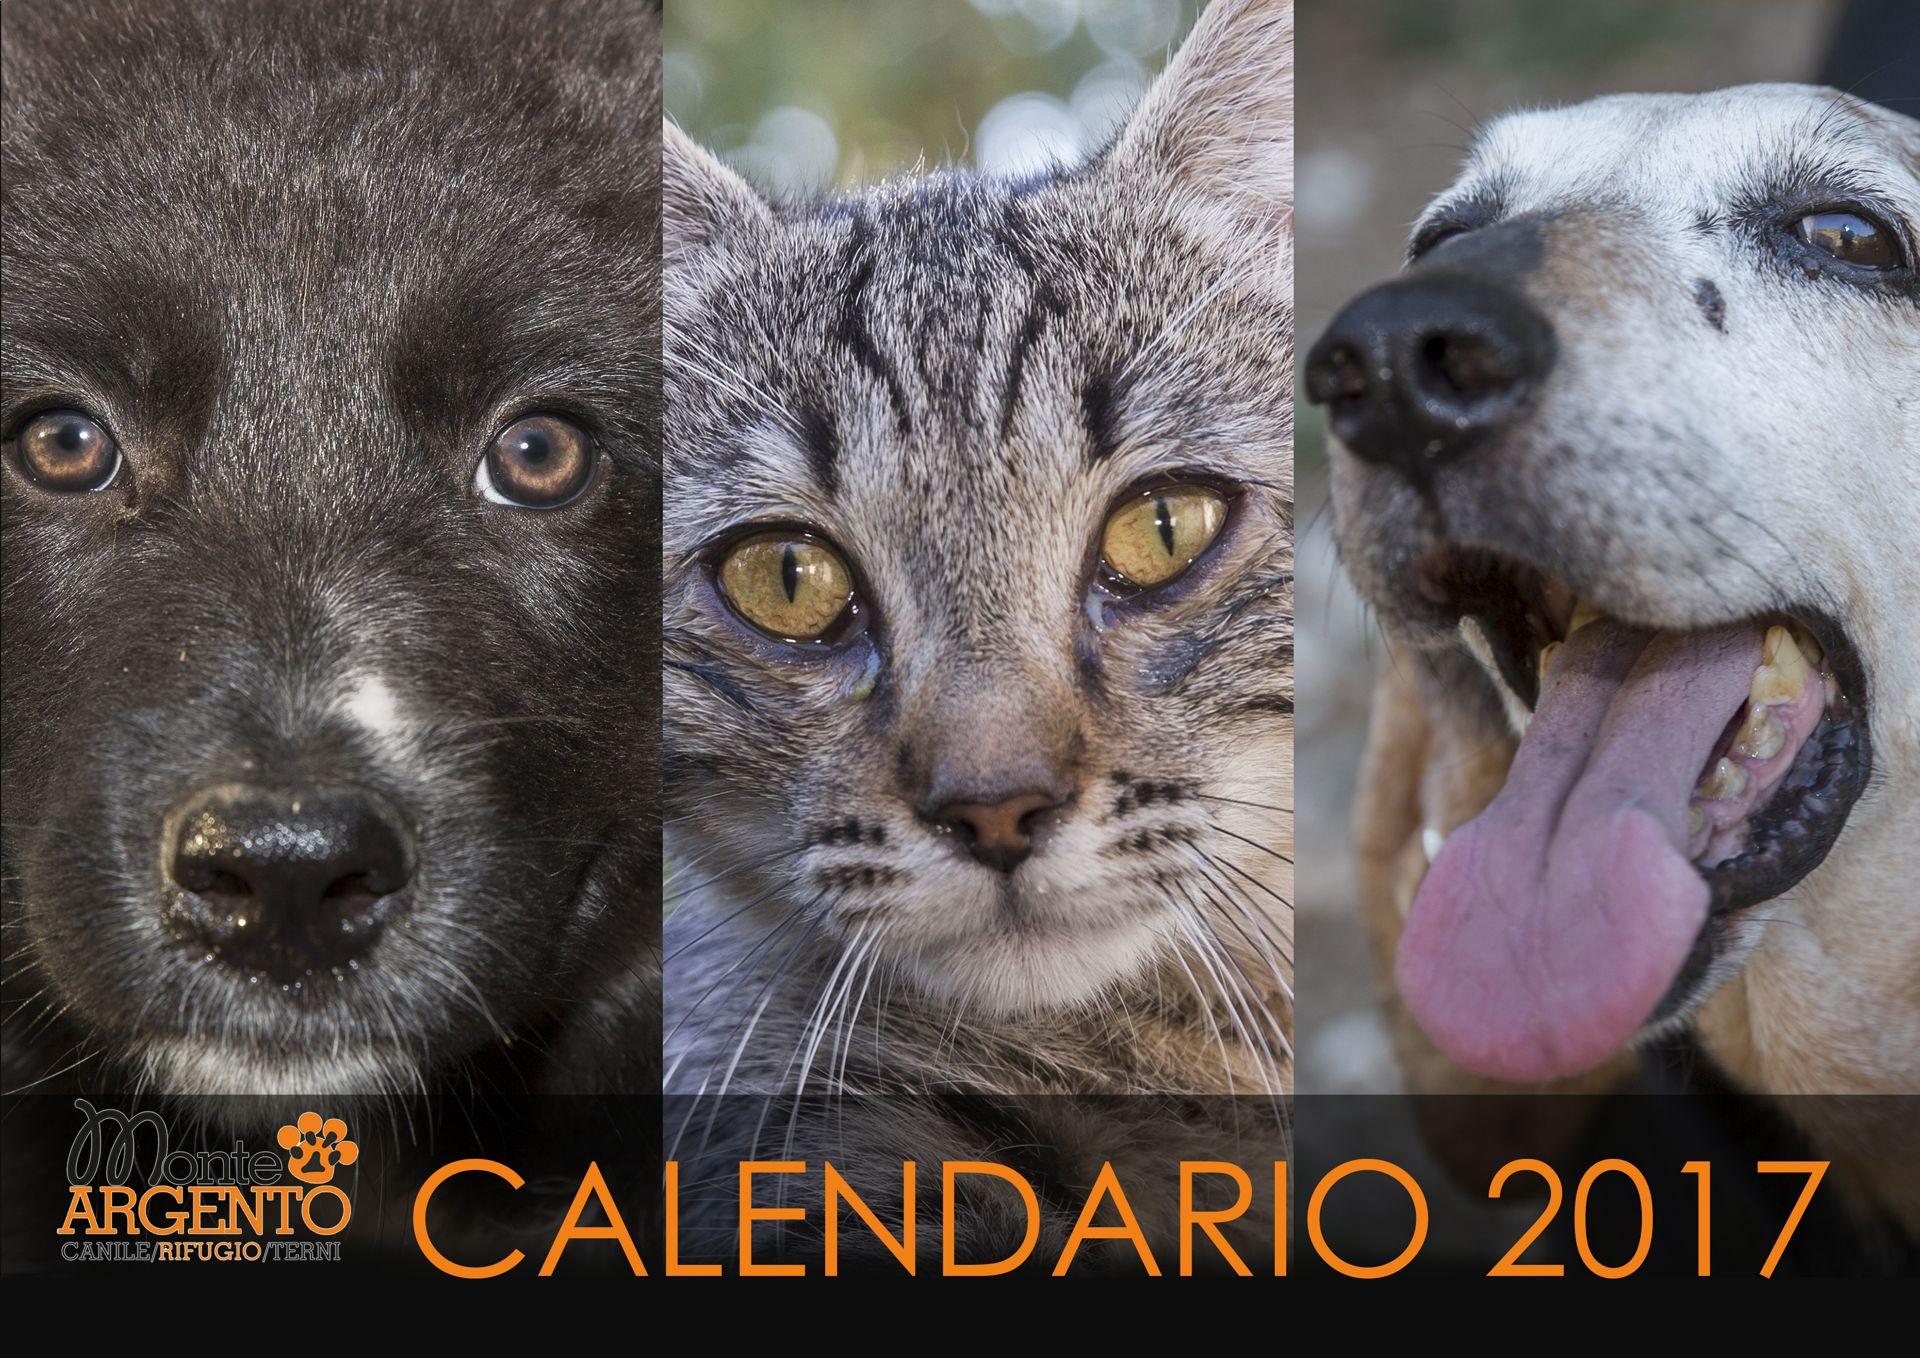 calendario 2017 monte argento